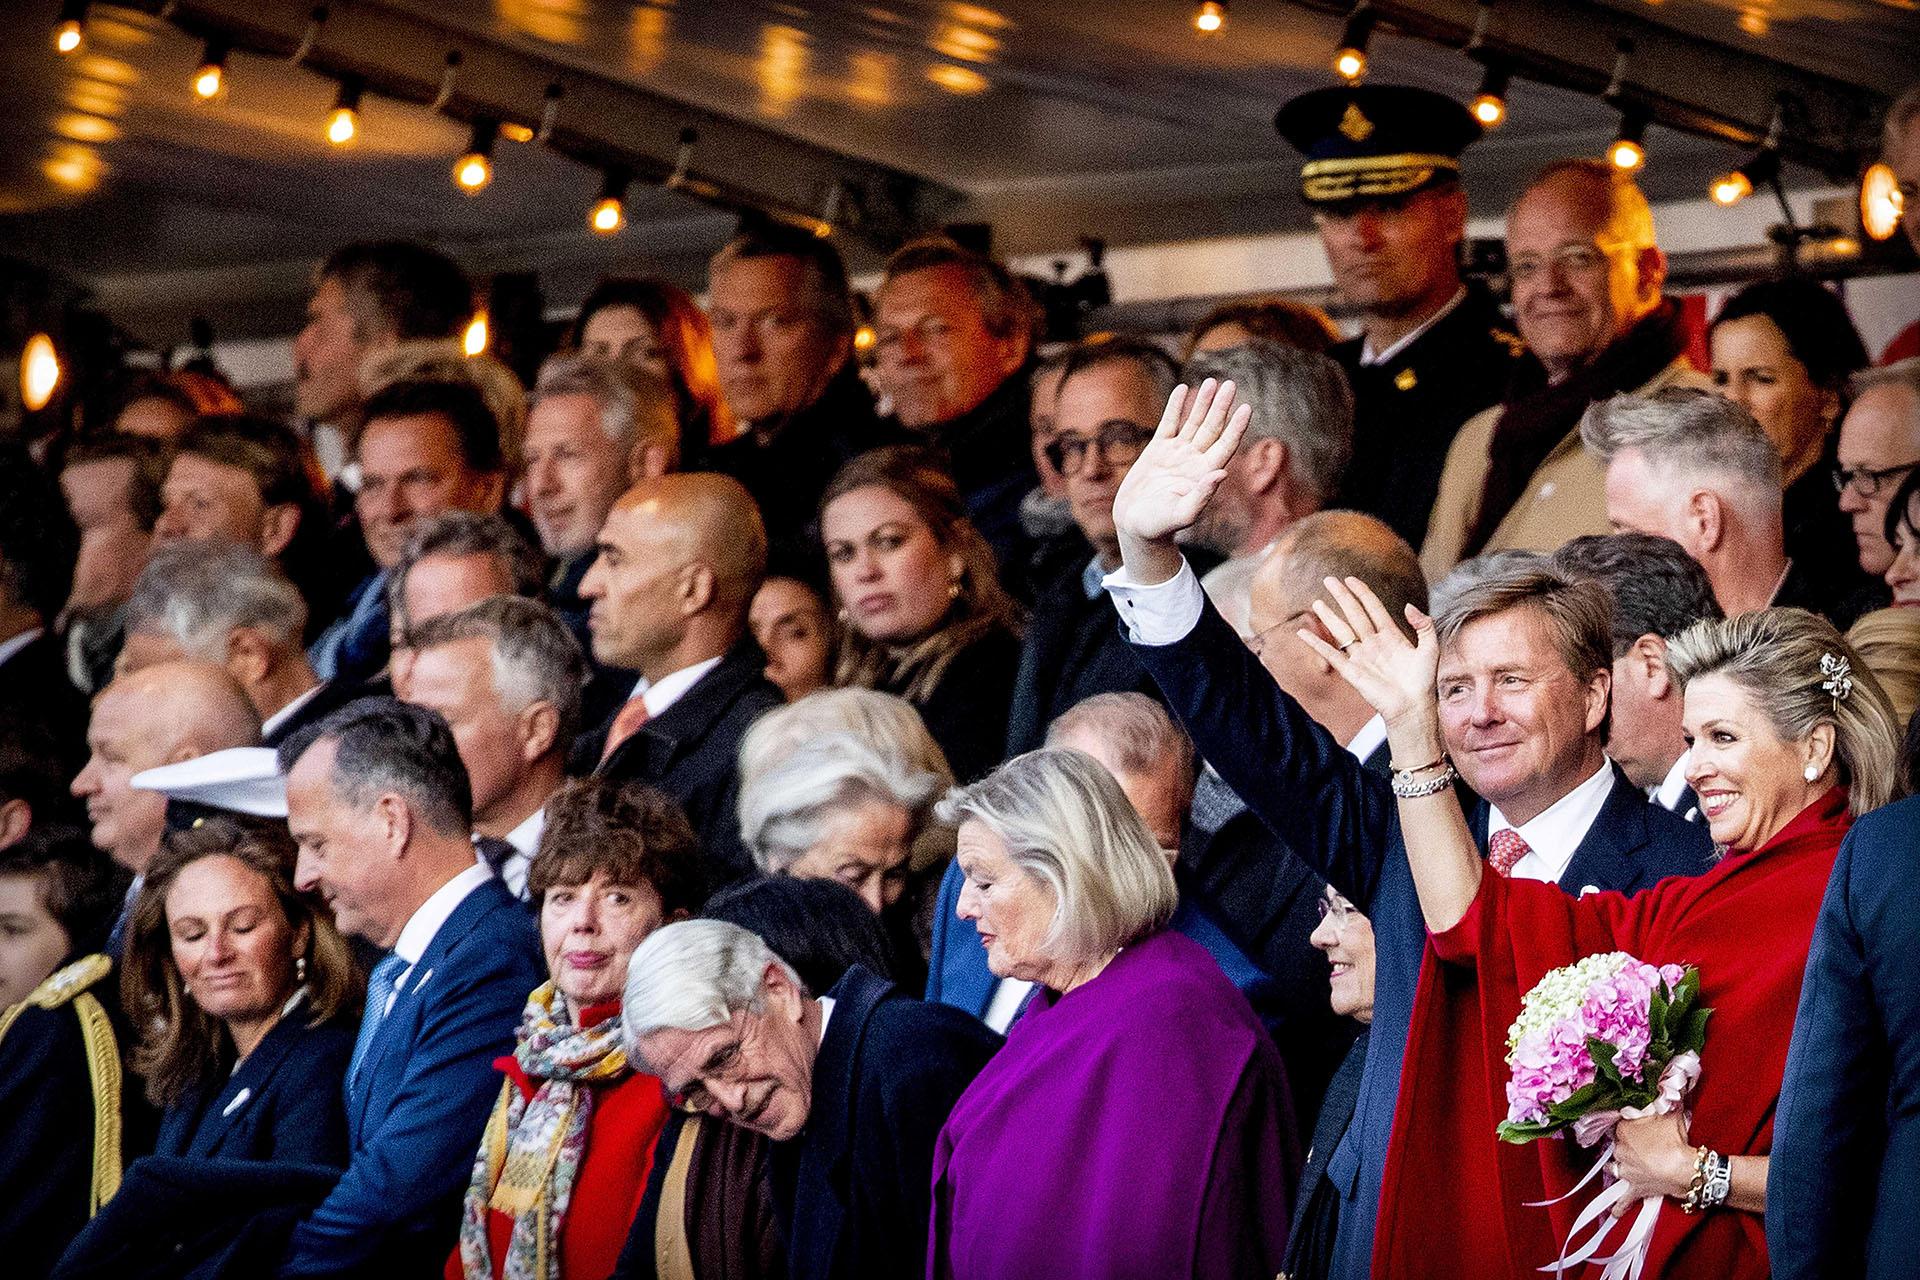 La familia real se prepara para un nuevo festejo, ya que el próximo 17 de mayo Máxima cumplirá 48 años /// Fotos: EFE – AFP – Shutterstock